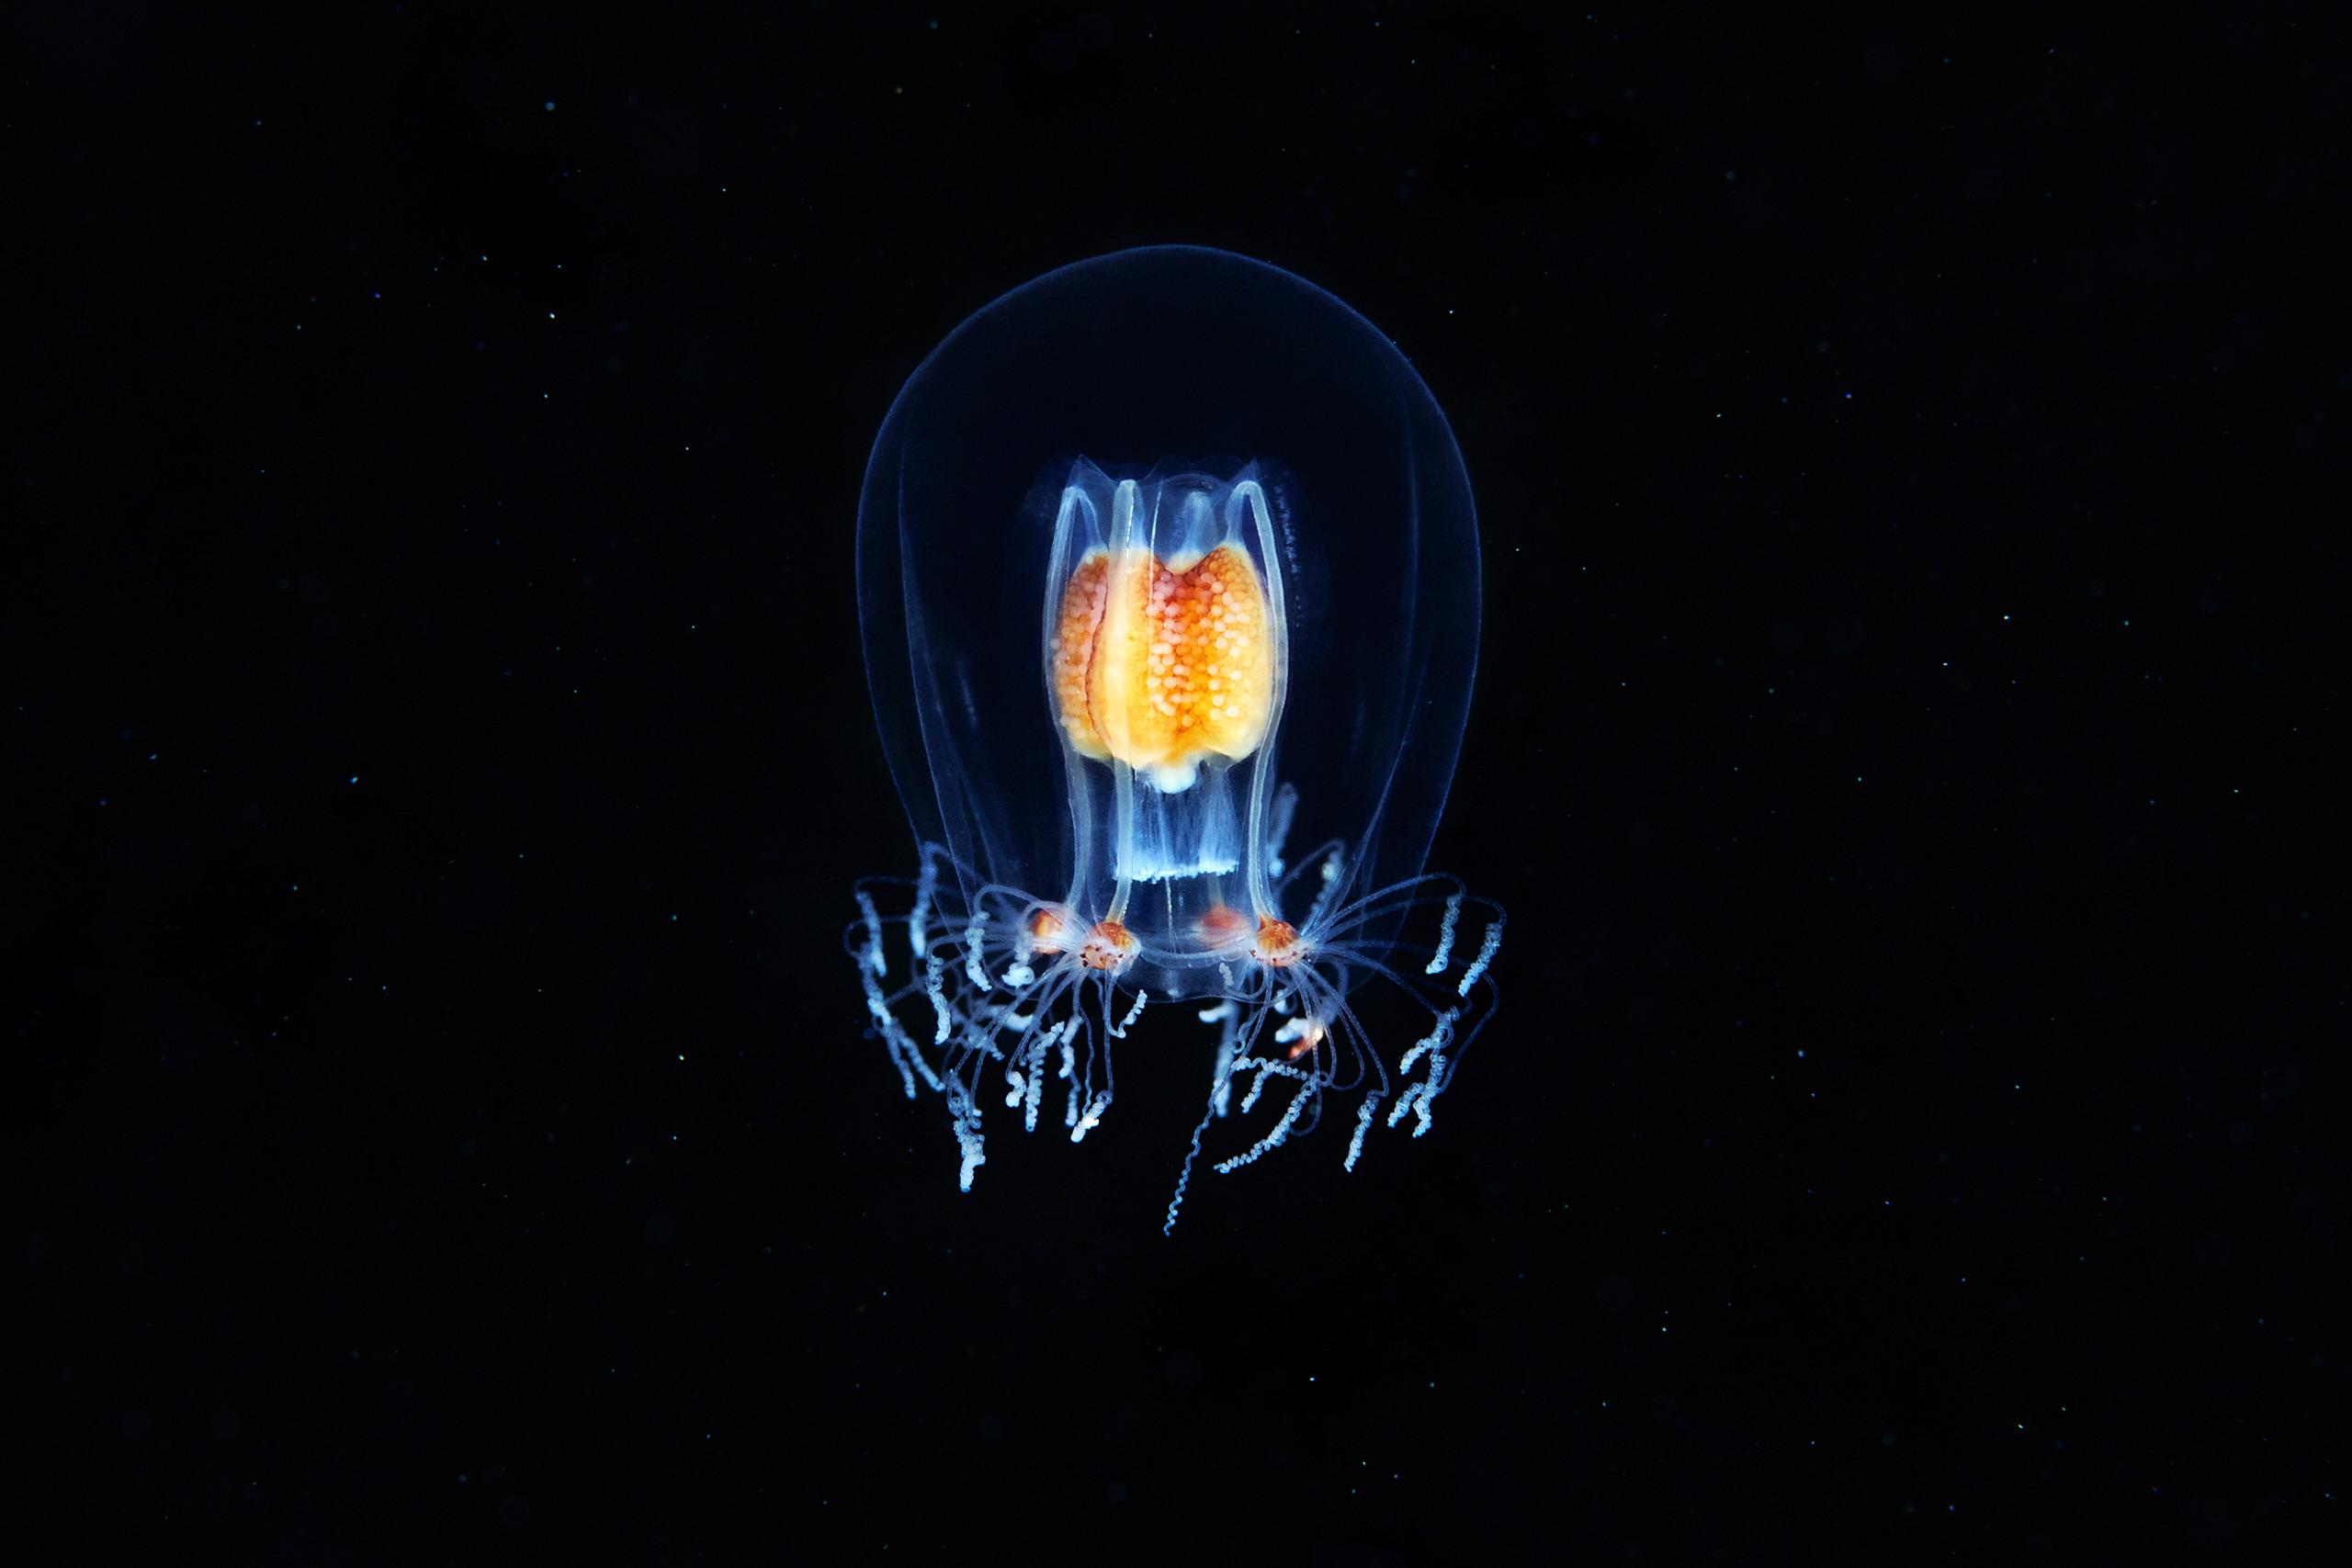 Hydrozoan jellyfish – Bougainvillia superciliaris